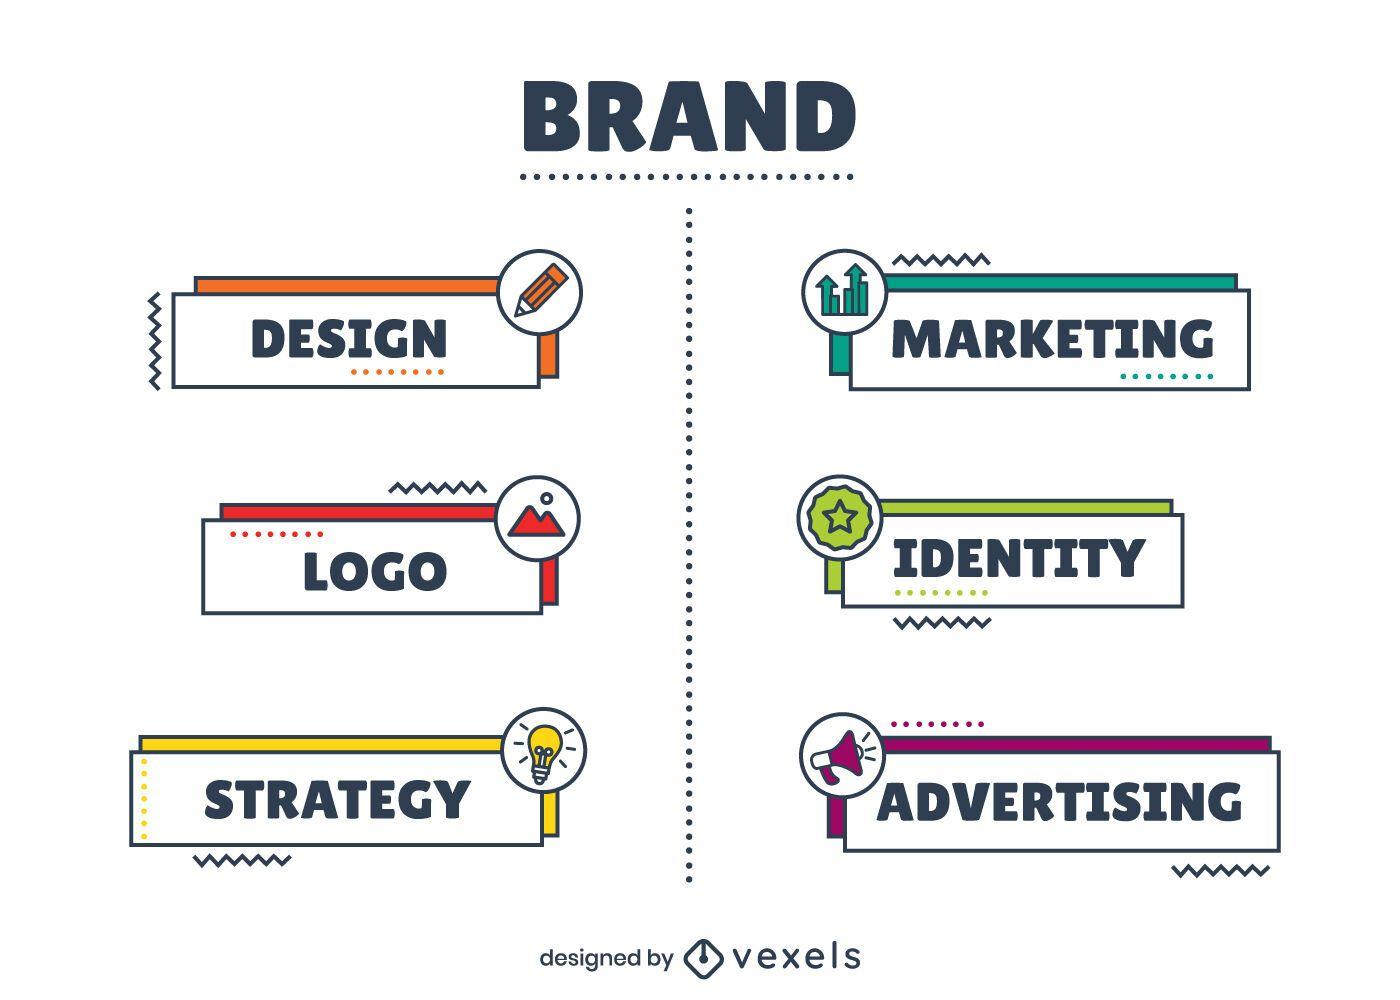 Diseño de infografía de elementos de marca